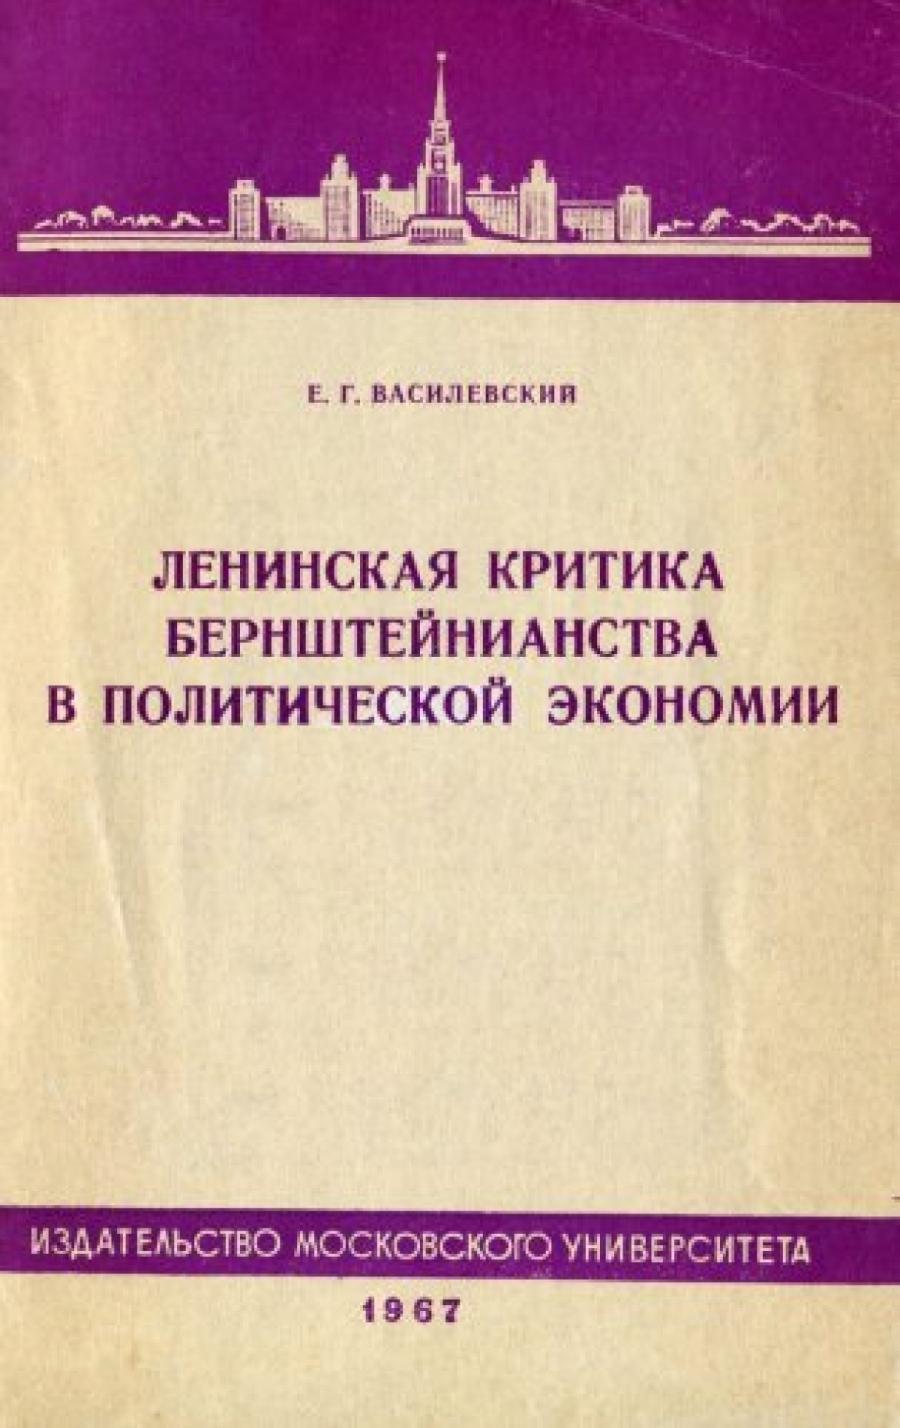 Обложка книги:  василевский е.г. - ленинская критика бернштейнианства в политической экономии (лекция)